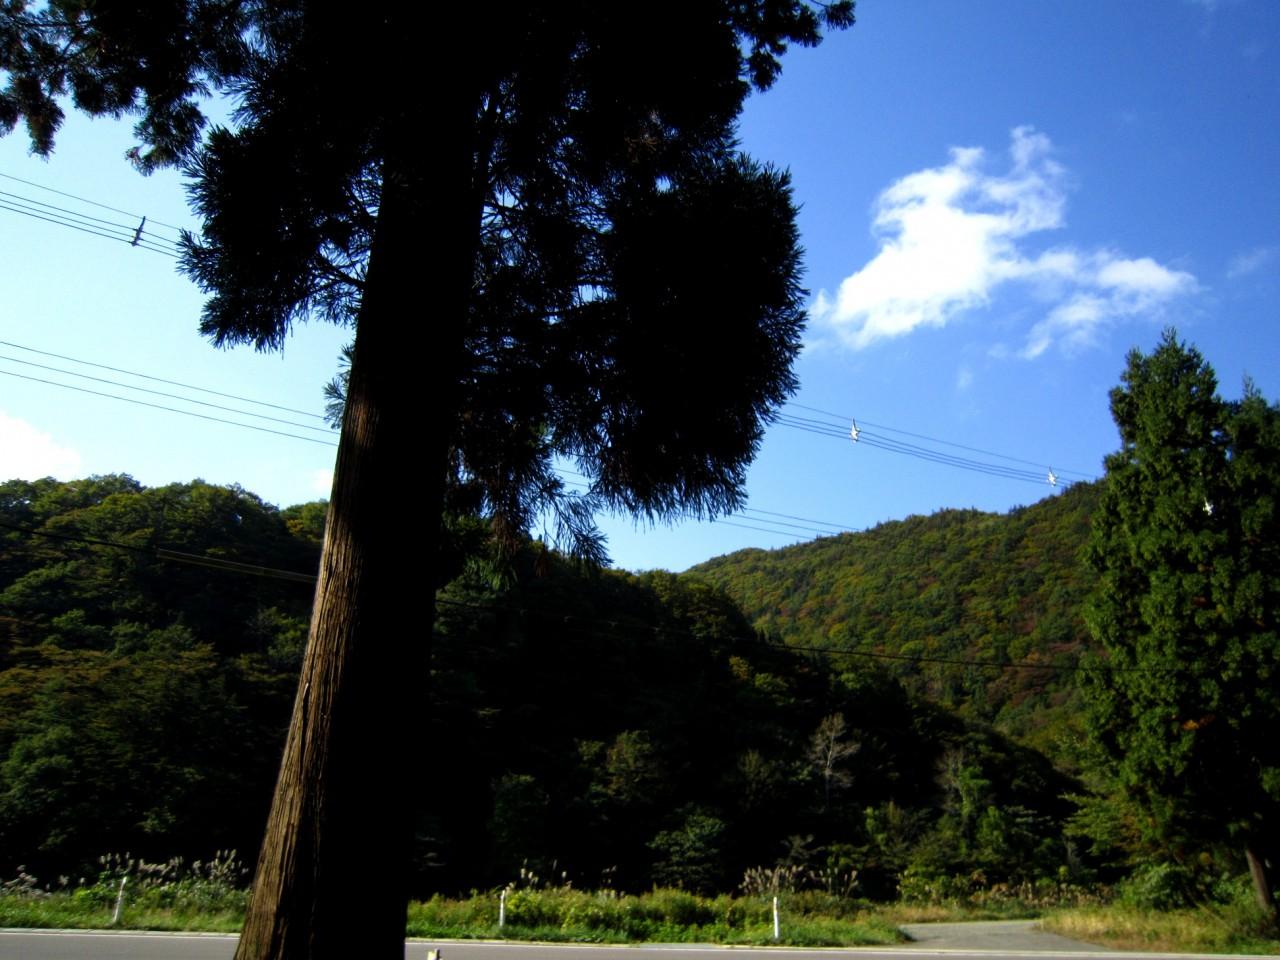 青森 津軽 深浦町 風景 冬 昼 森林 小道 樹 晴天 空